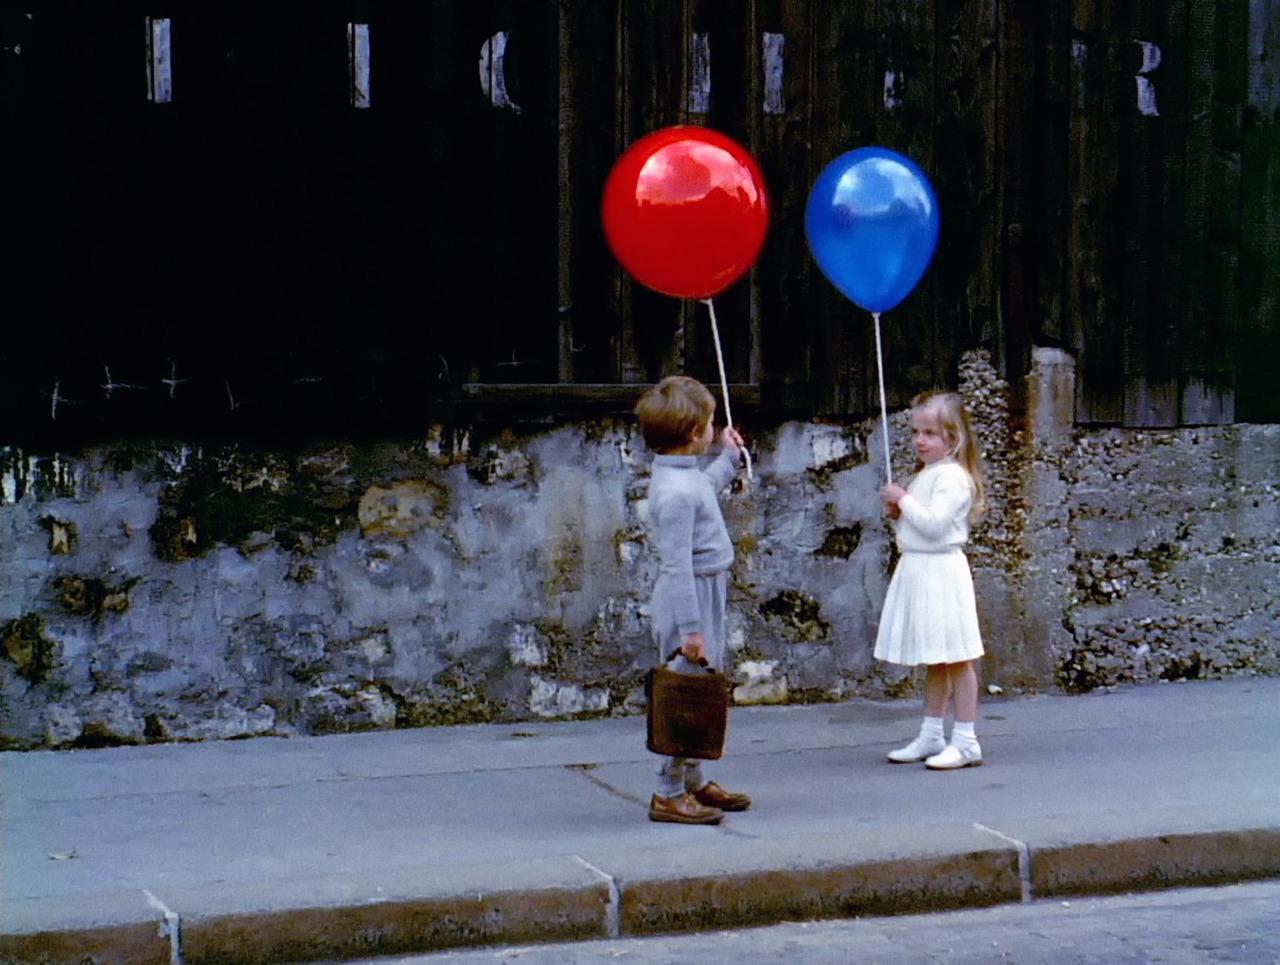 Le-ballon-rouge-little-girl.jpg